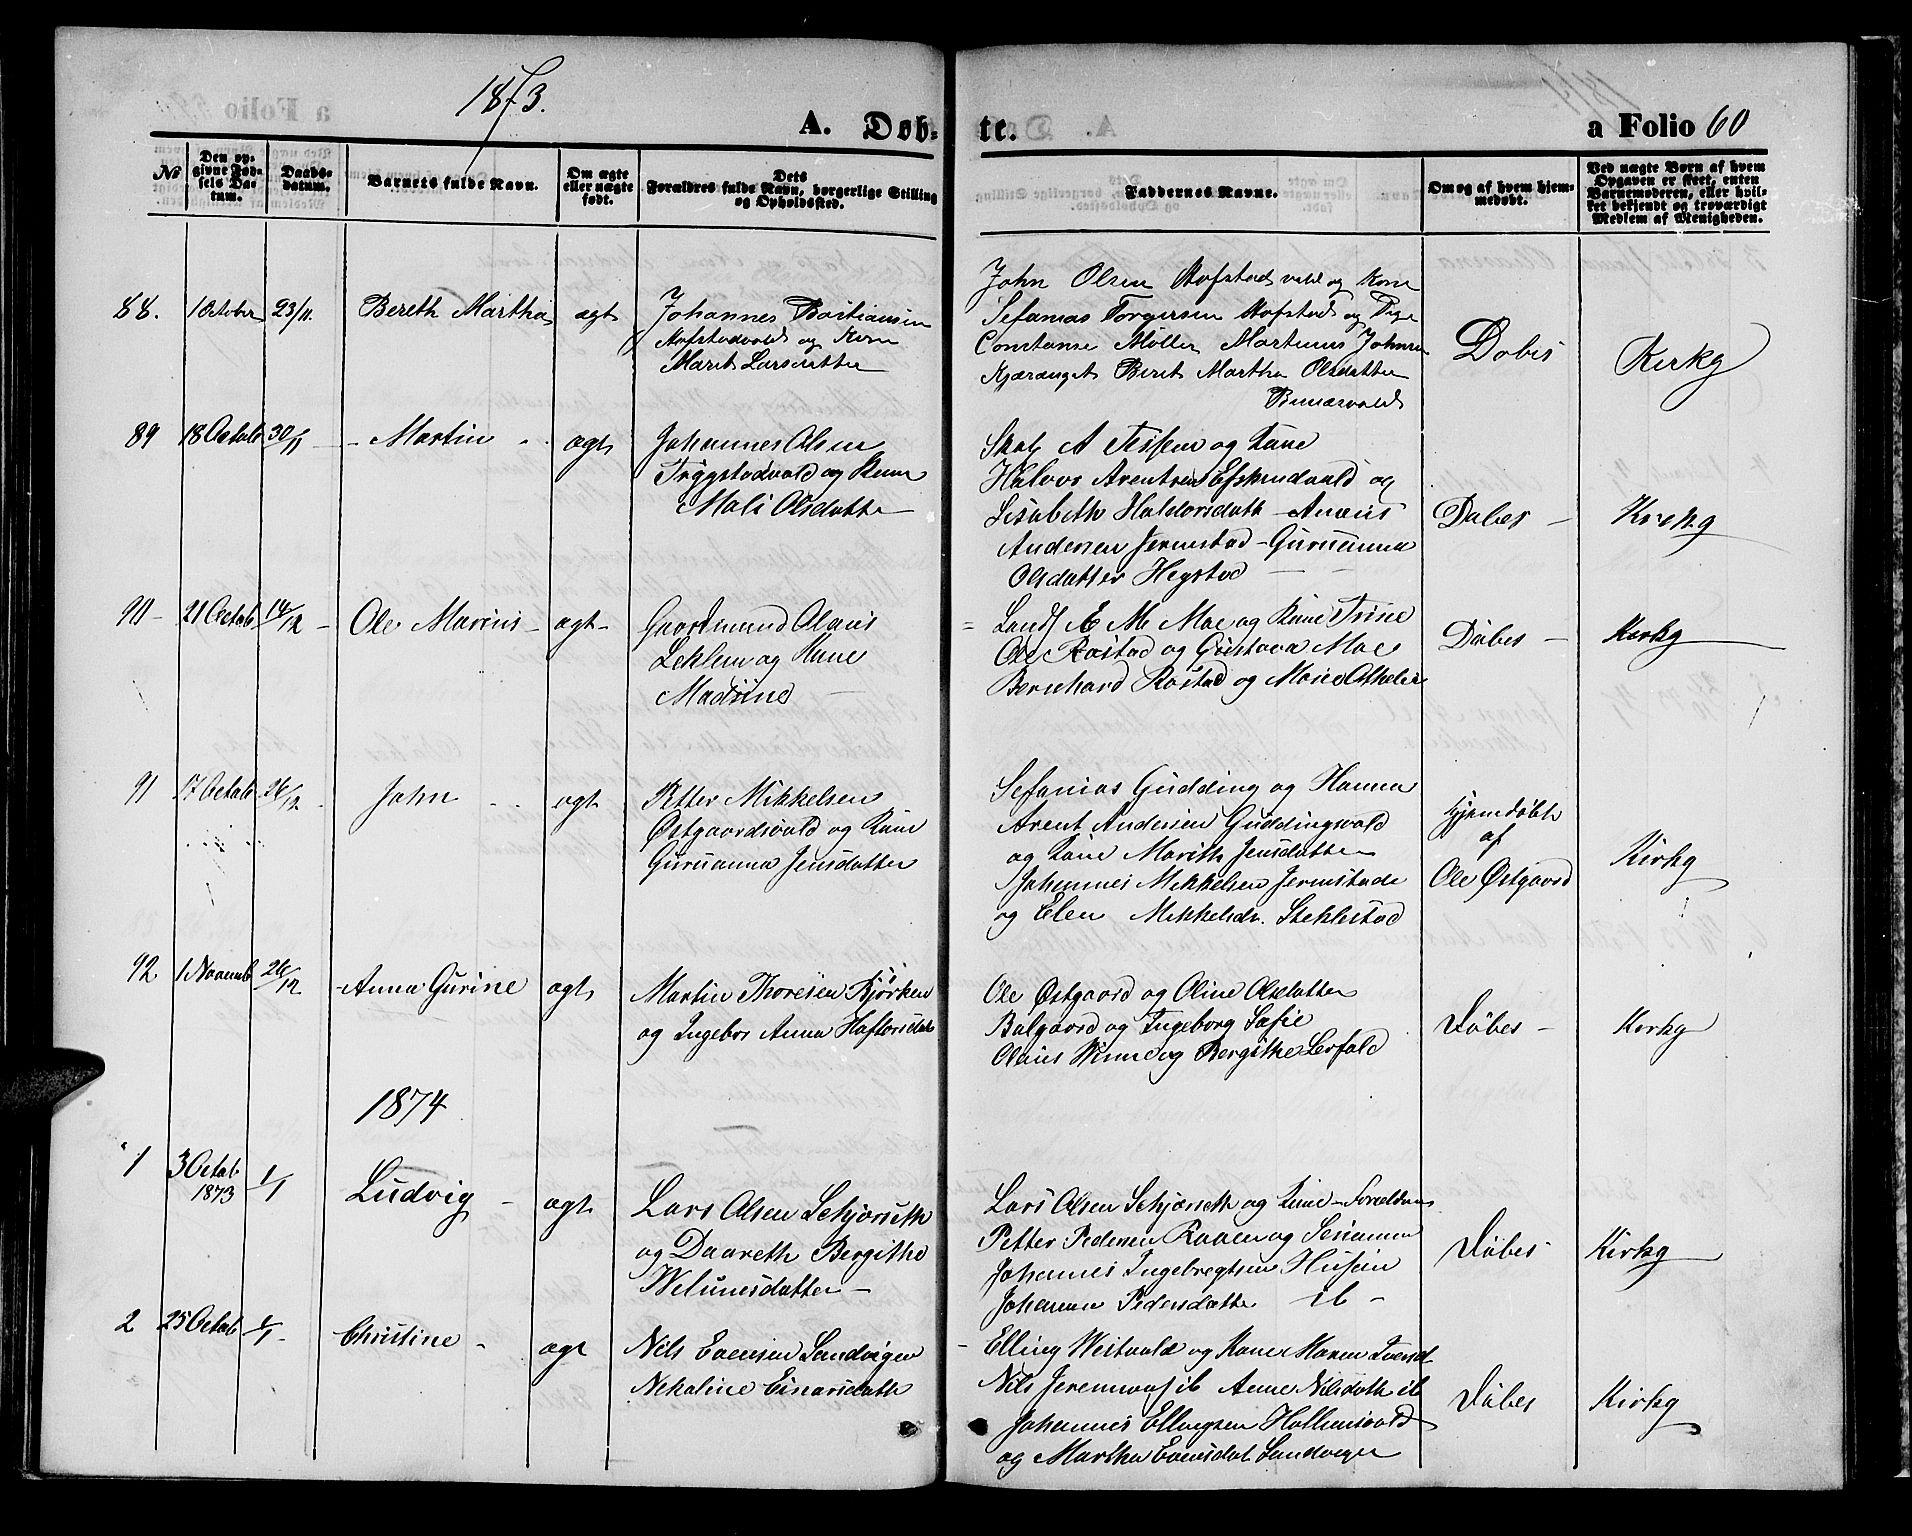 SAT, Ministerialprotokoller, klokkerbøker og fødselsregistre - Nord-Trøndelag, 723/L0255: Klokkerbok nr. 723C03, 1869-1879, s. 60